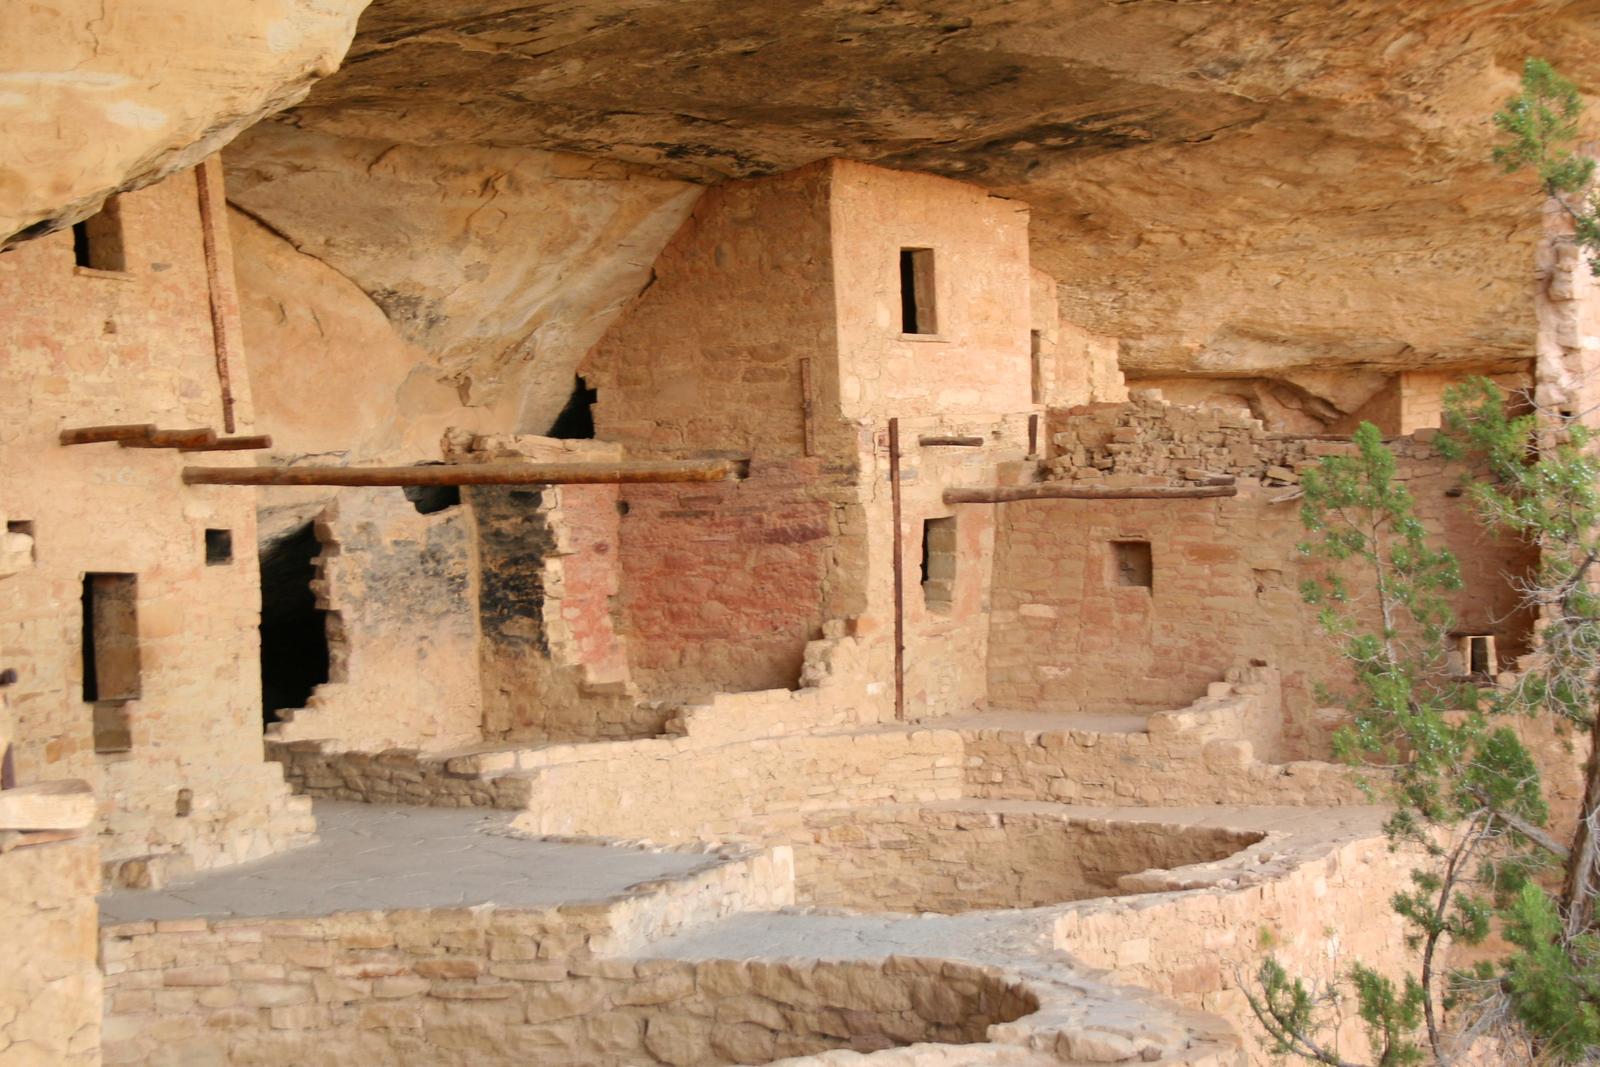 Balcony House (A.D. 1180-1270)